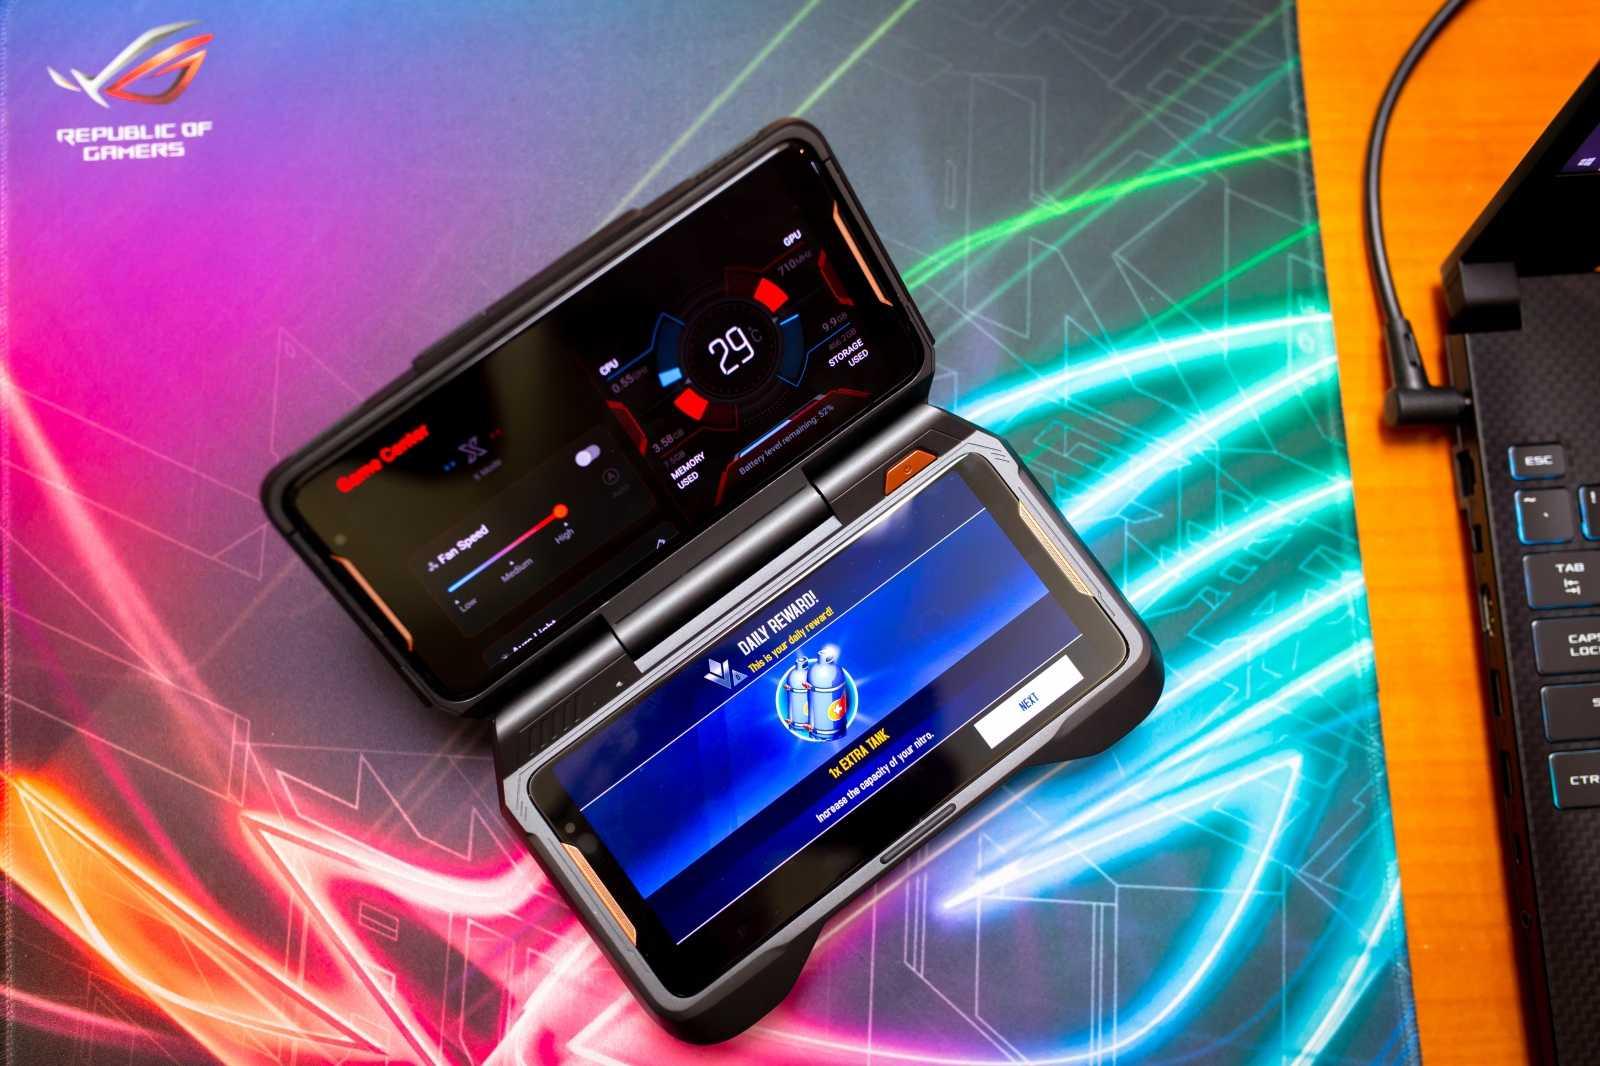 Не так давно стало известно что компания Asus вместе с Tencent Games занимается производством смартфона для геймеров под названием ROG Phone Теперь в сети стали